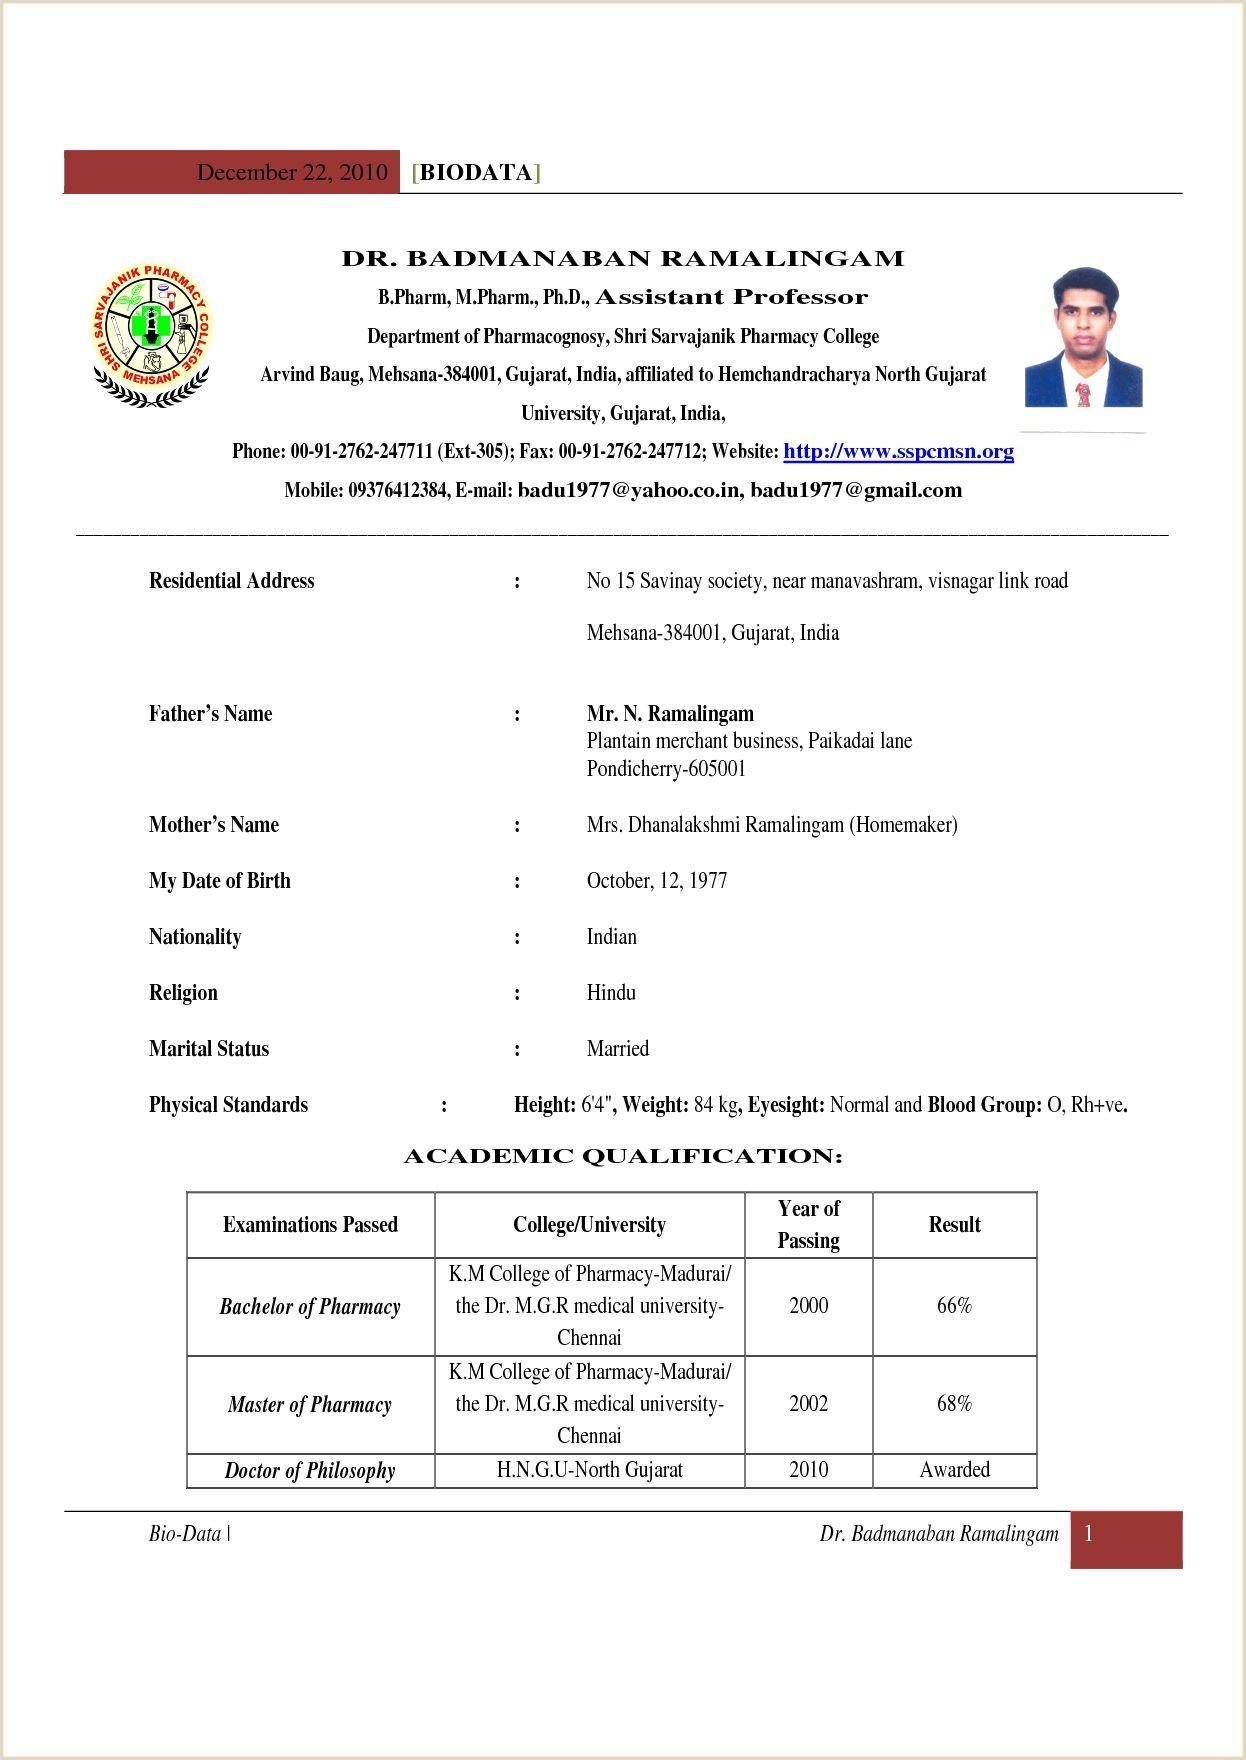 Fresher Resume Format Pdf File D Pharmacy Resume Format For Fresher